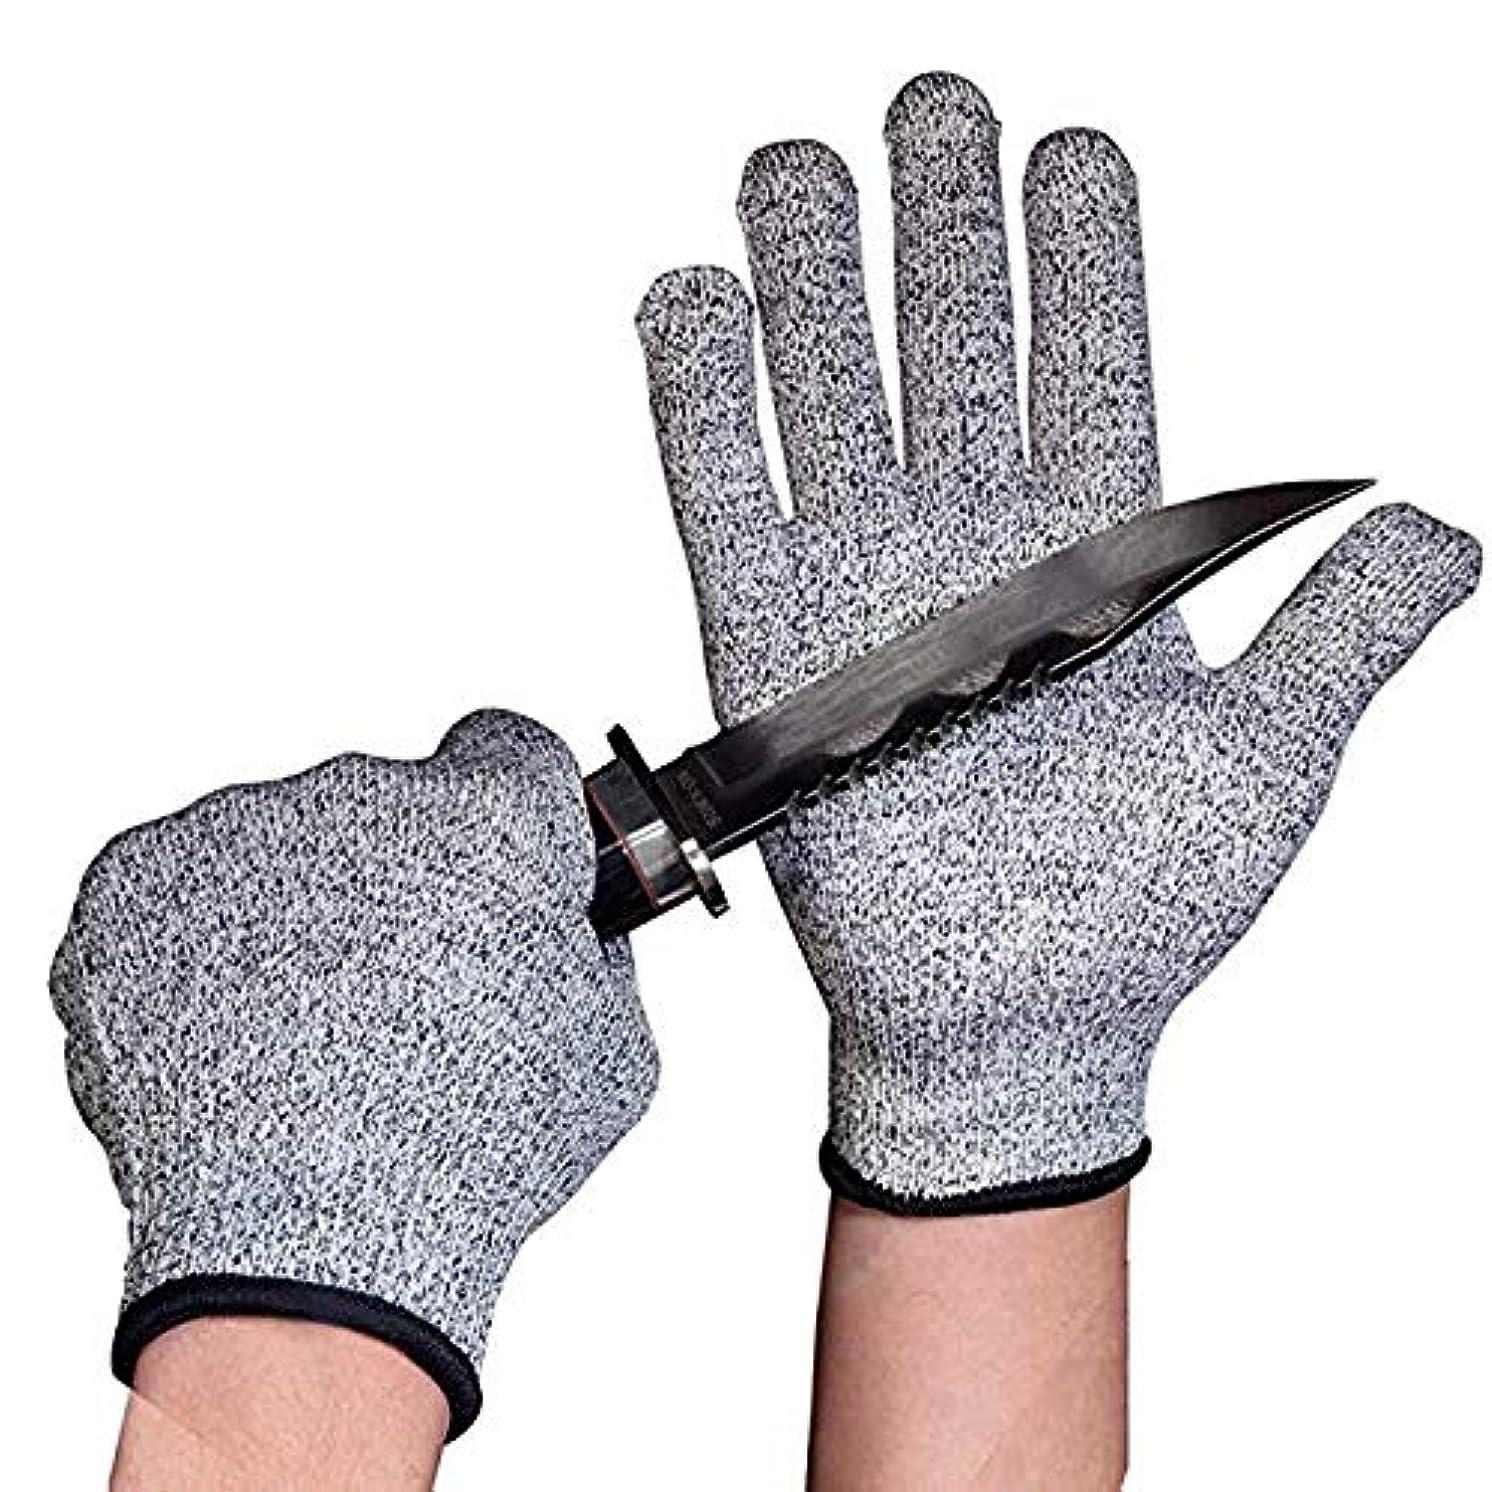 行進外交挨拶キッチン、切断、庭やマンドリンスライスのためカット耐性の手袋食品グレードレベル5の保護安全ワークグローブ,L